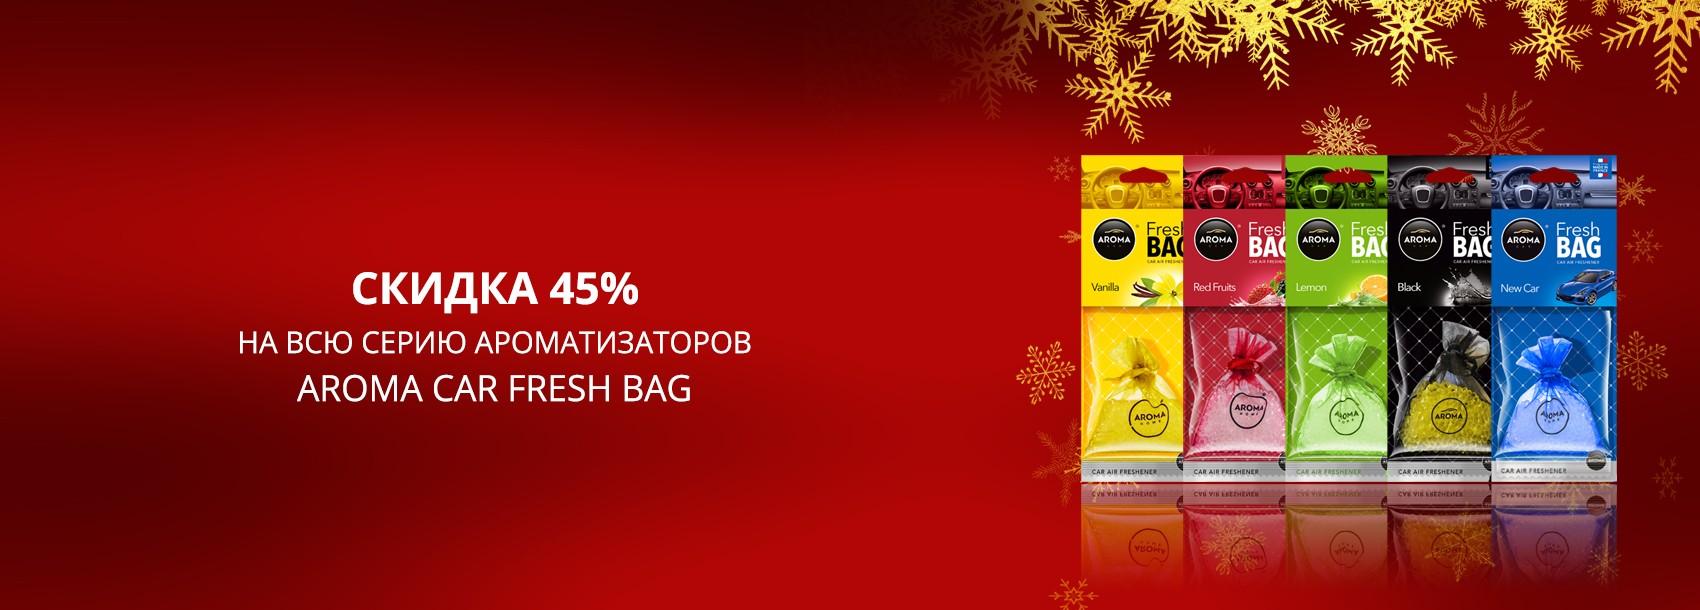 Aroma Car Fresh Bag с приятной скидкой